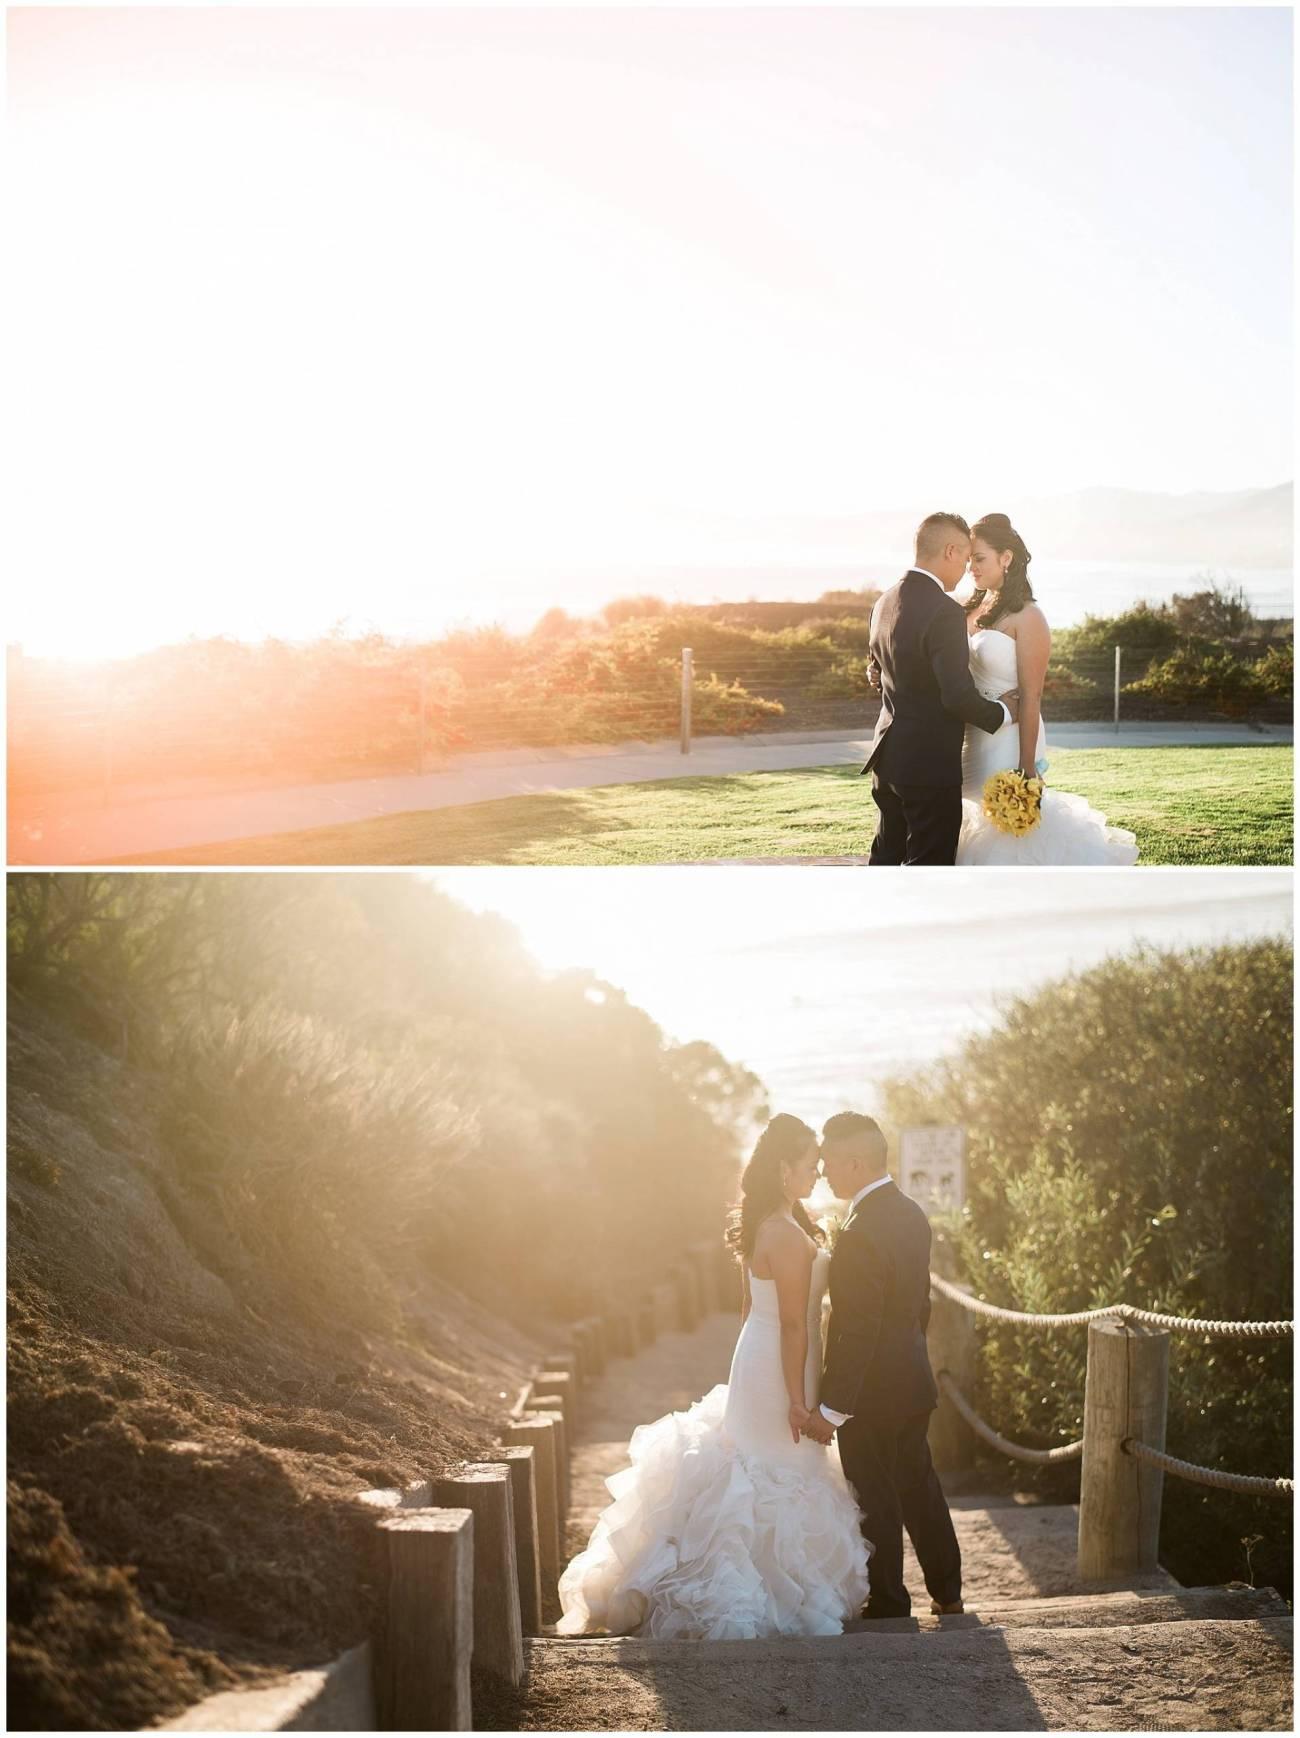 Ha & Allen Wedding Third Element Photography & Cinema Pismo Beach Cliffs Resort Central Coast Hybrid Film Wedding Photographer_0031